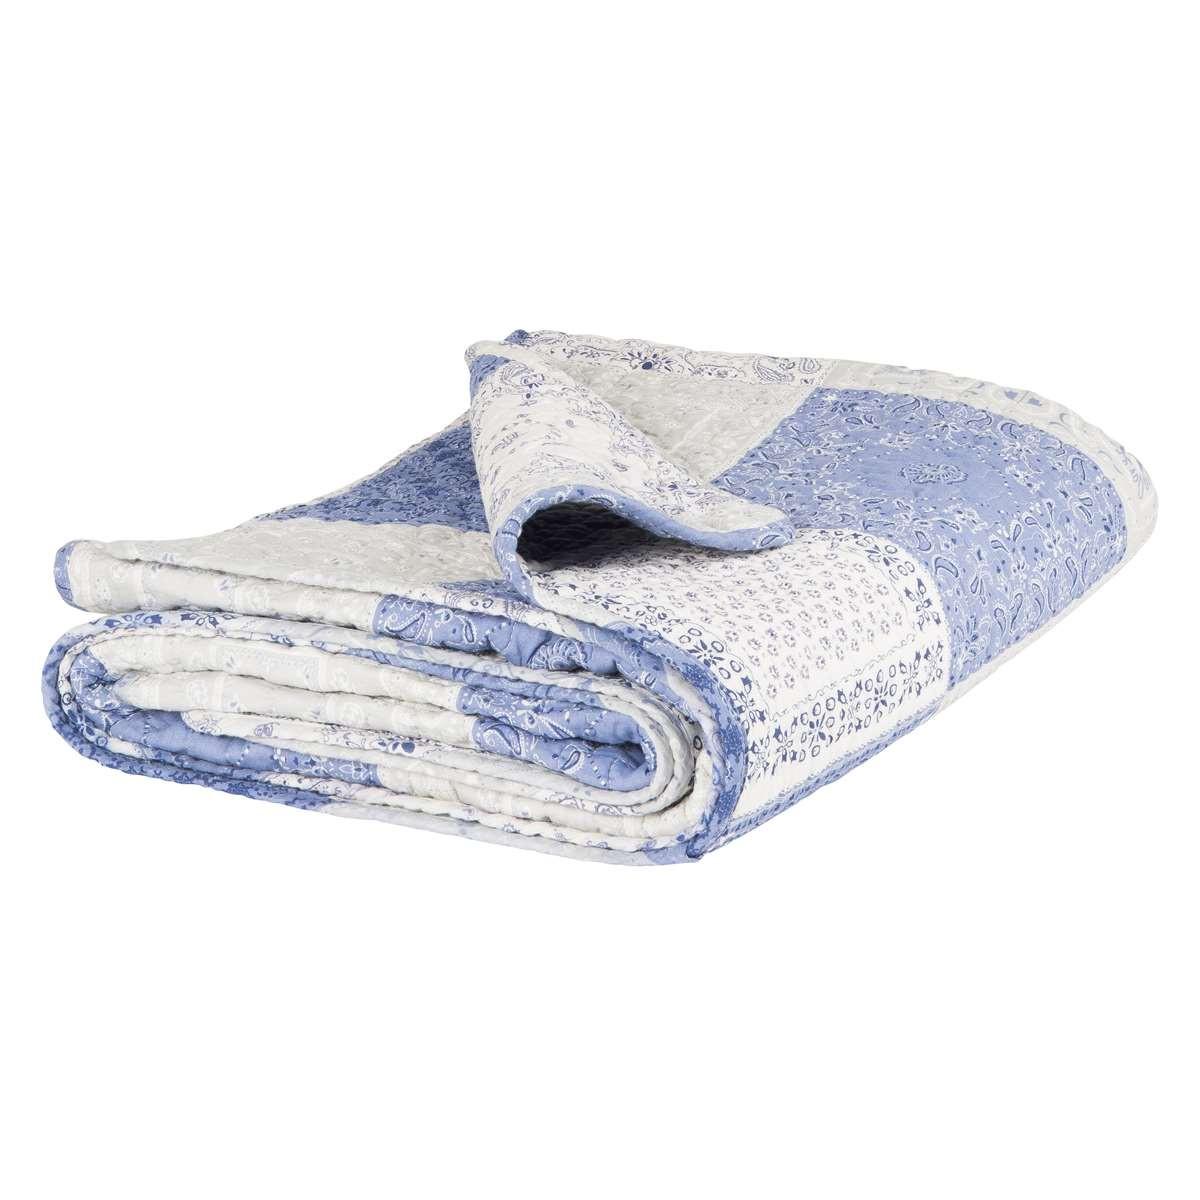 ib laursen quilt patchwork blau wei gedruckt tagesdecke aus baumwolle gr e ca 130 x 180 cm. Black Bedroom Furniture Sets. Home Design Ideas